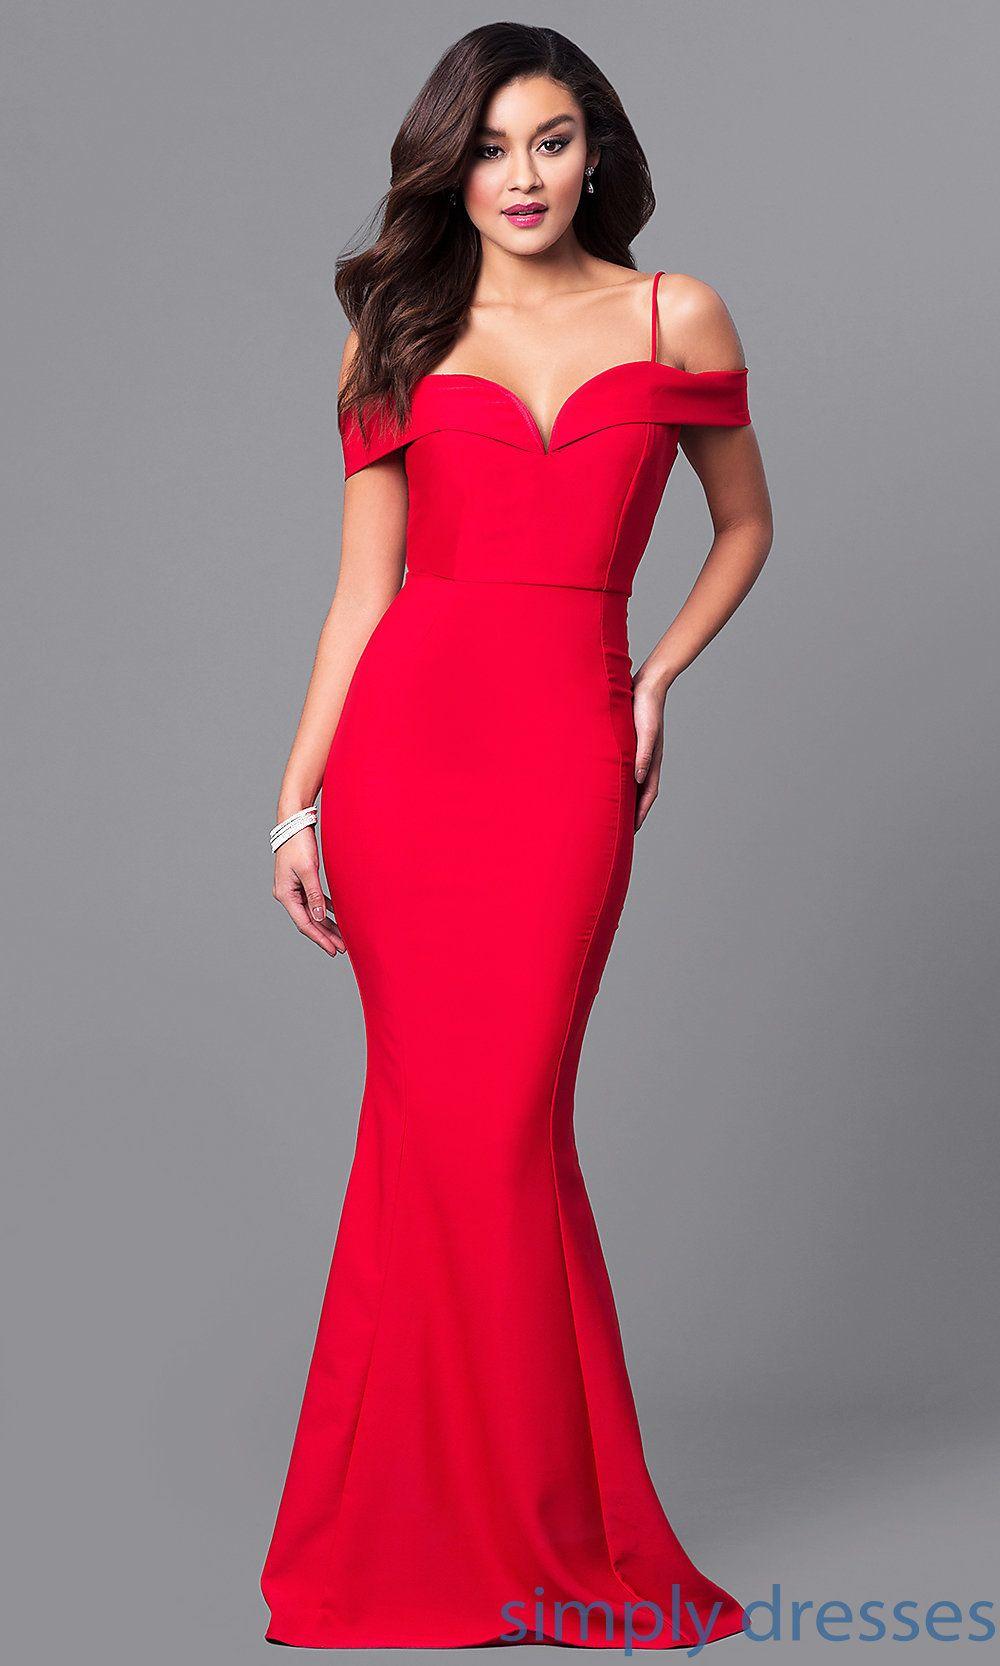 Long offtheshoulder formal mermaid dress mermaid evening dresses